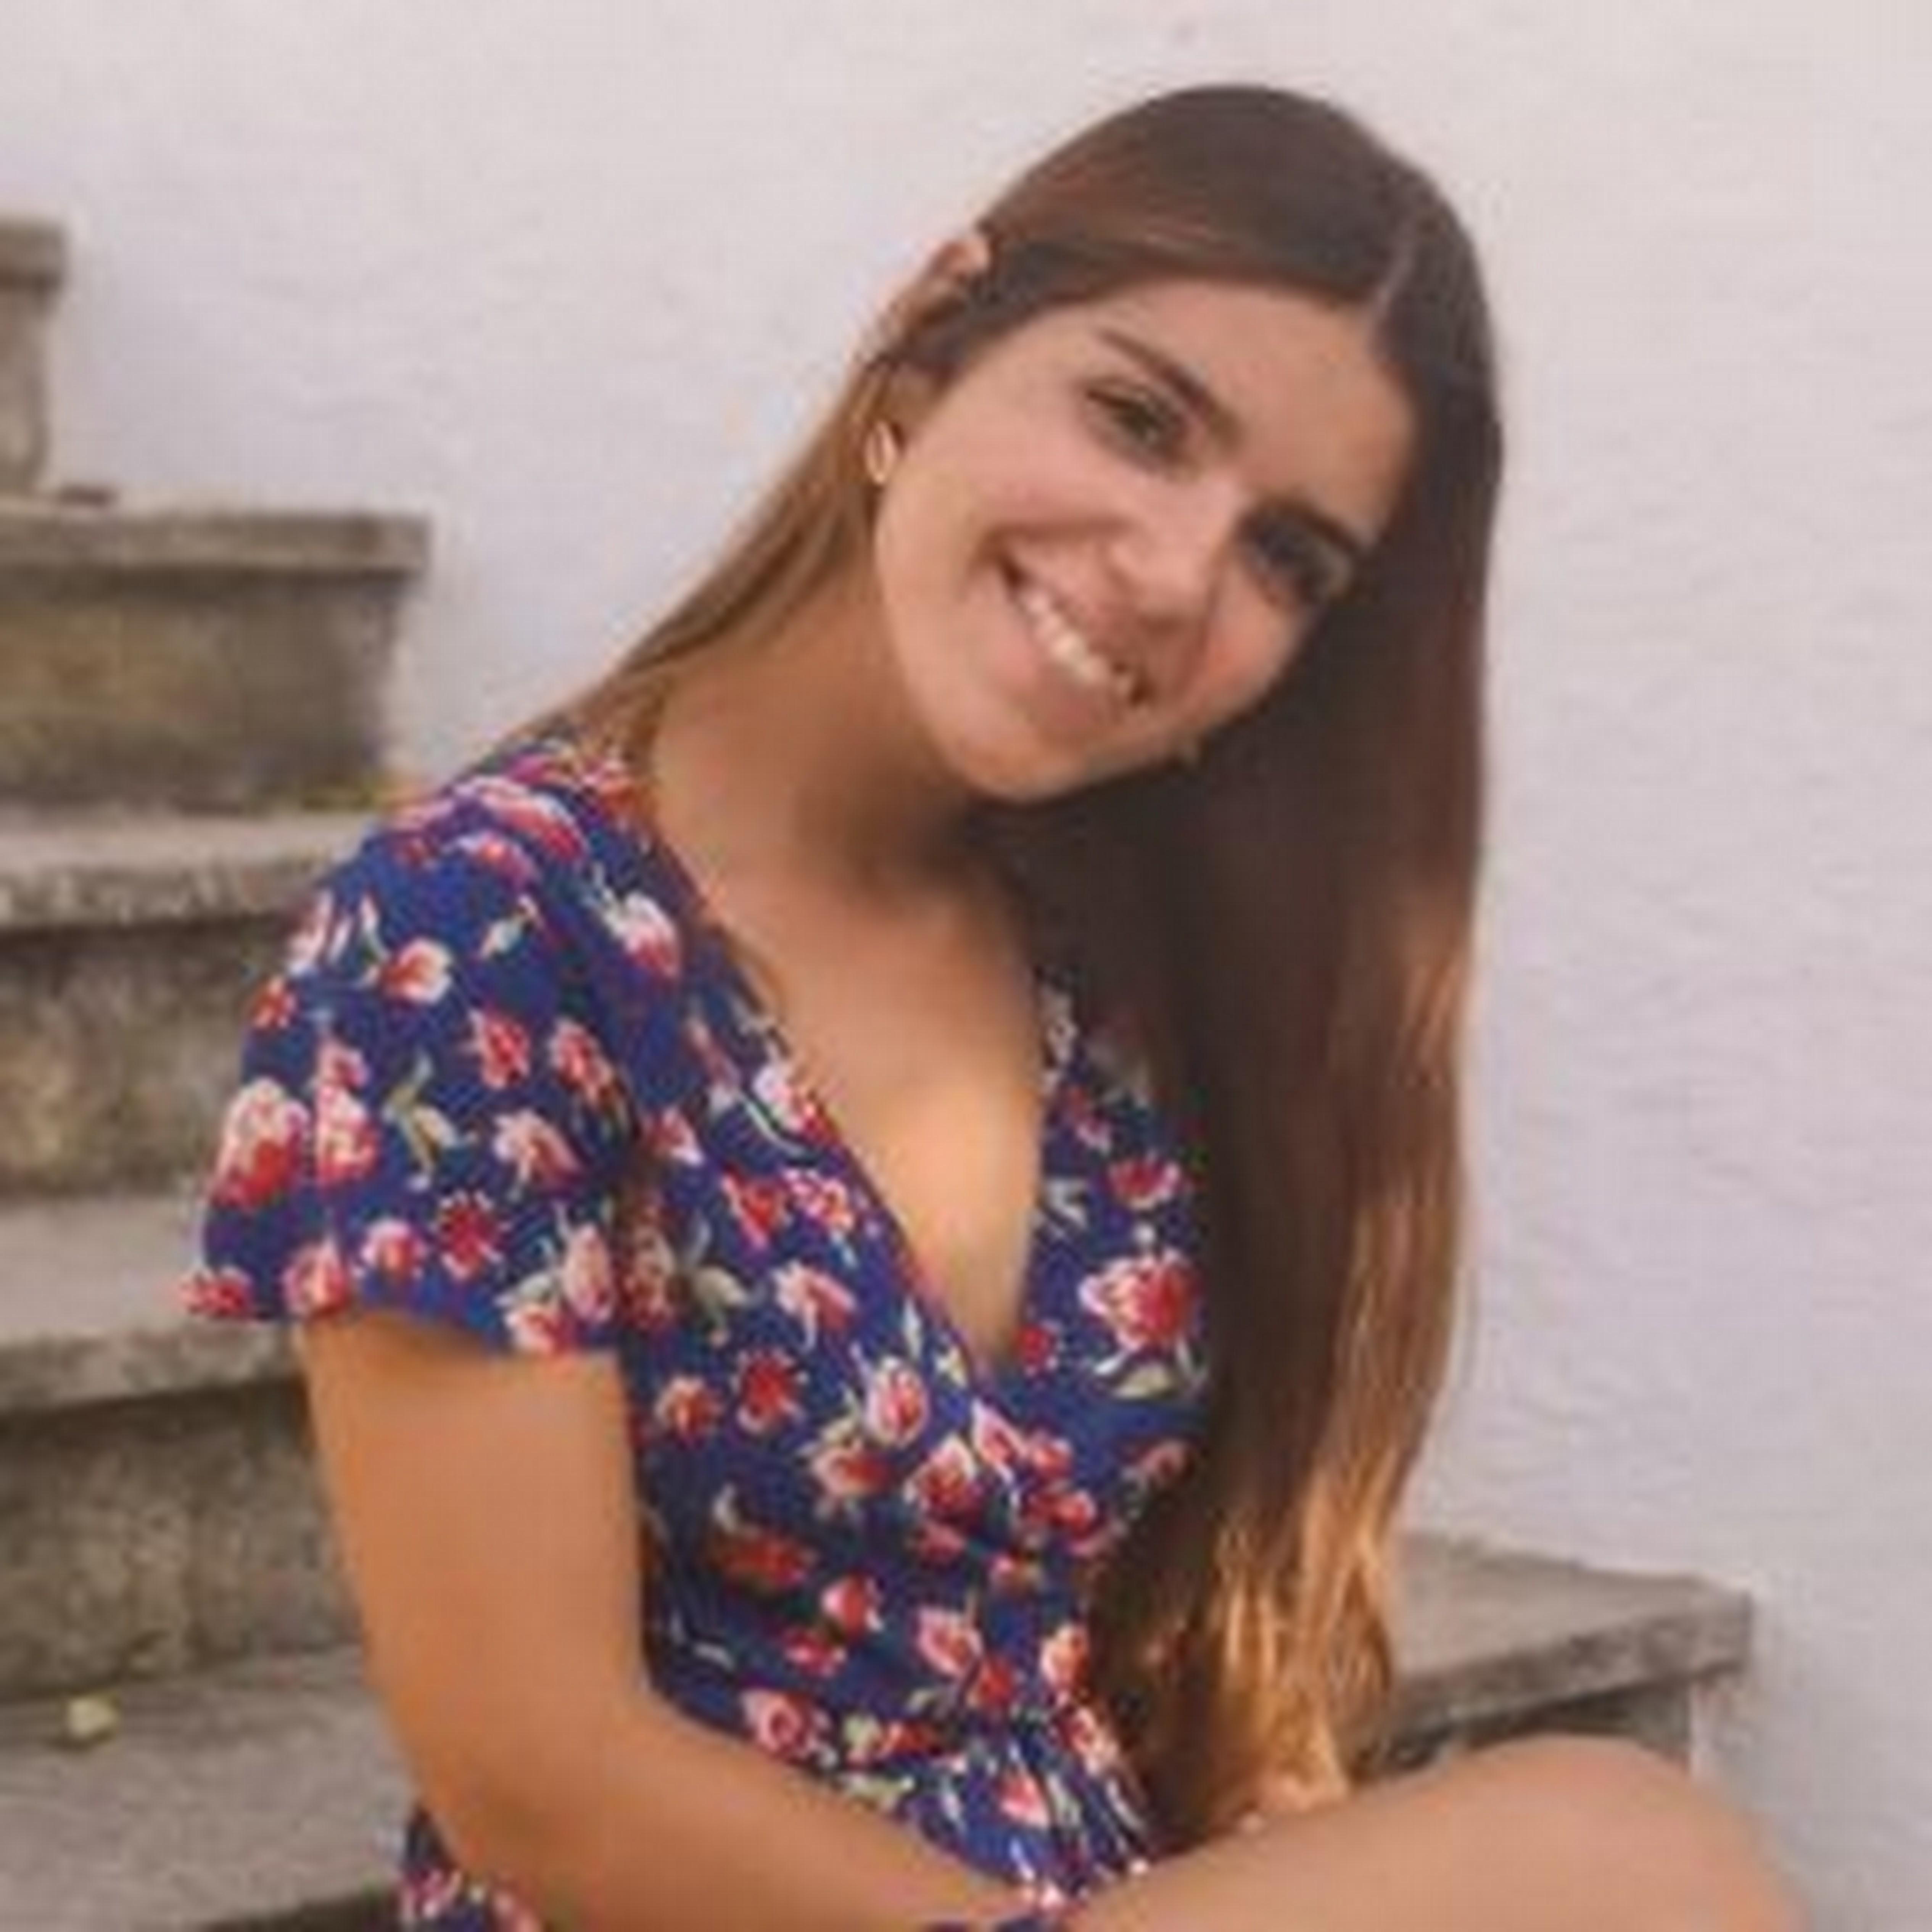 Carlasousa99